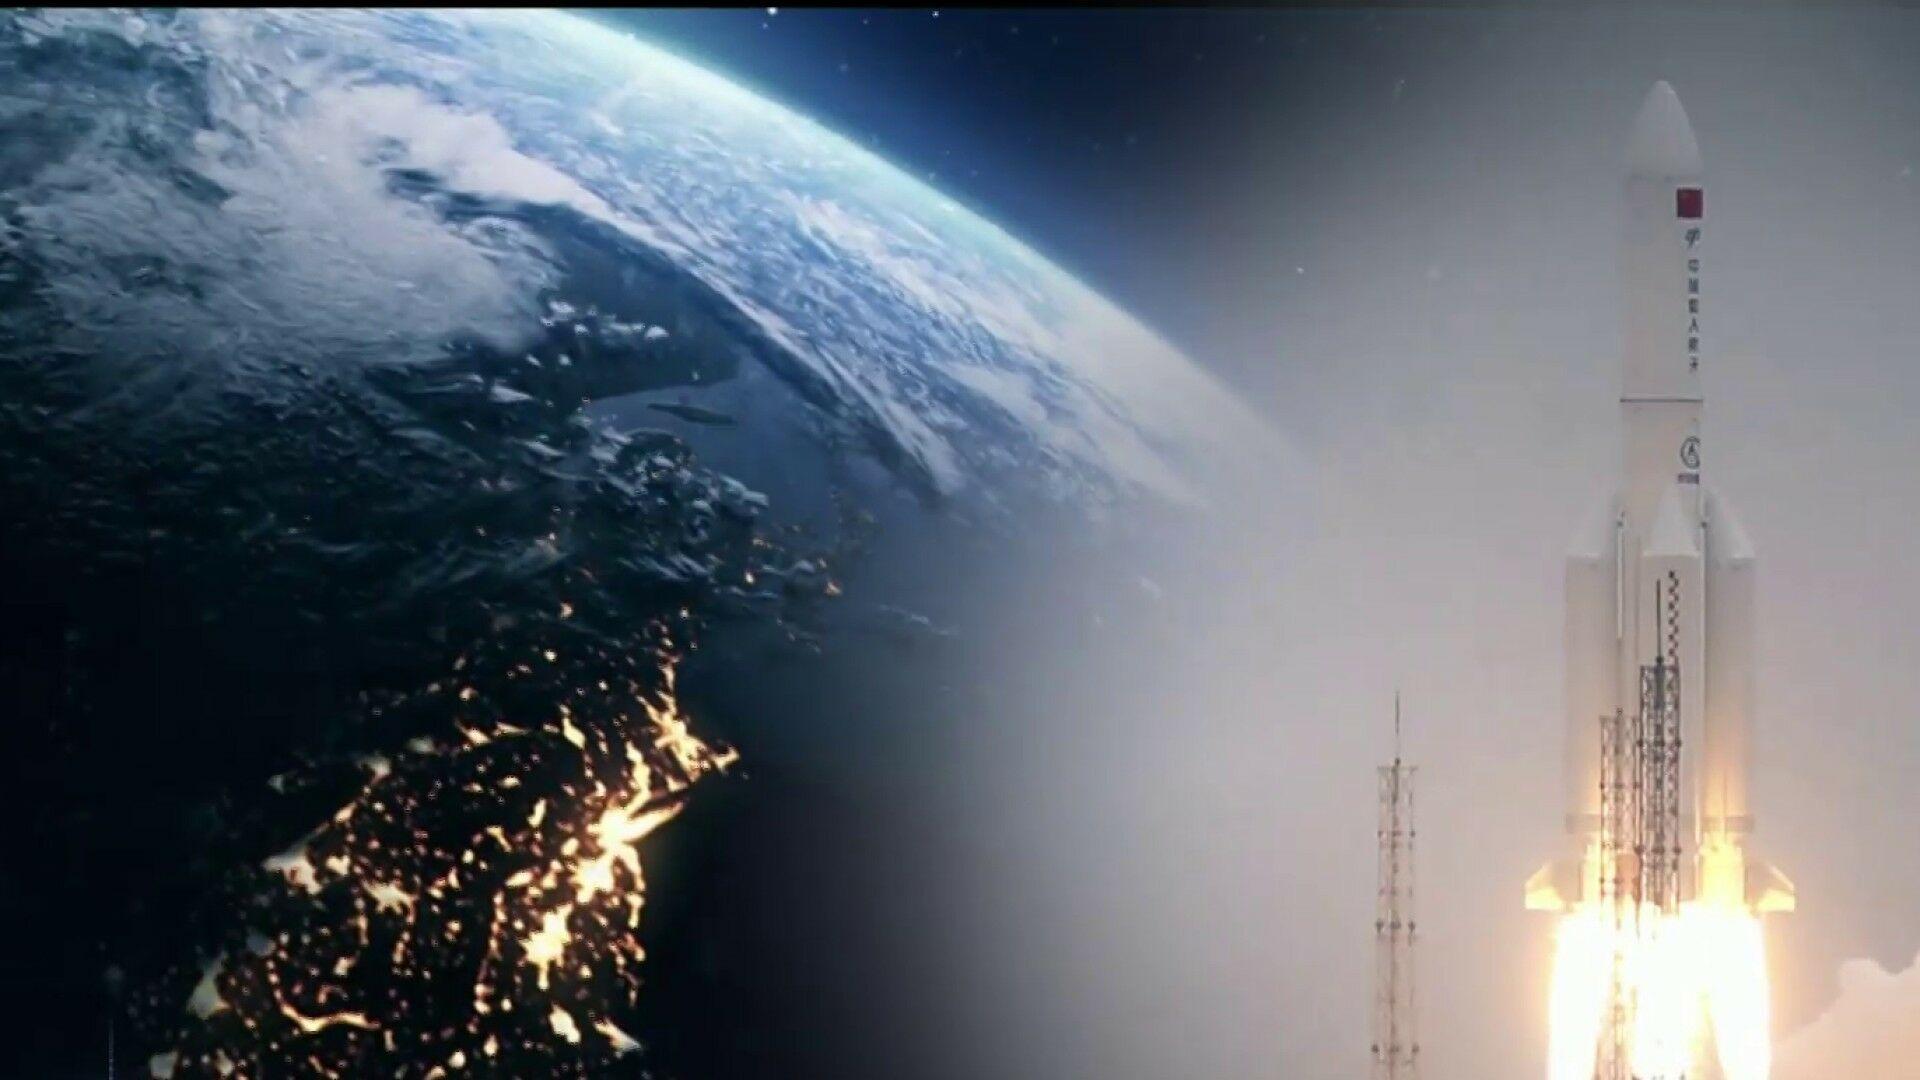 चीन का ऑउट-ऑफ-कंट्रोल रॉकेट पृथ्वी के इस हिस्से में गिरा, अमेरिका-यूरोपिय स्पेस एजेंसियों ने रखी इस पर हर पल नजर